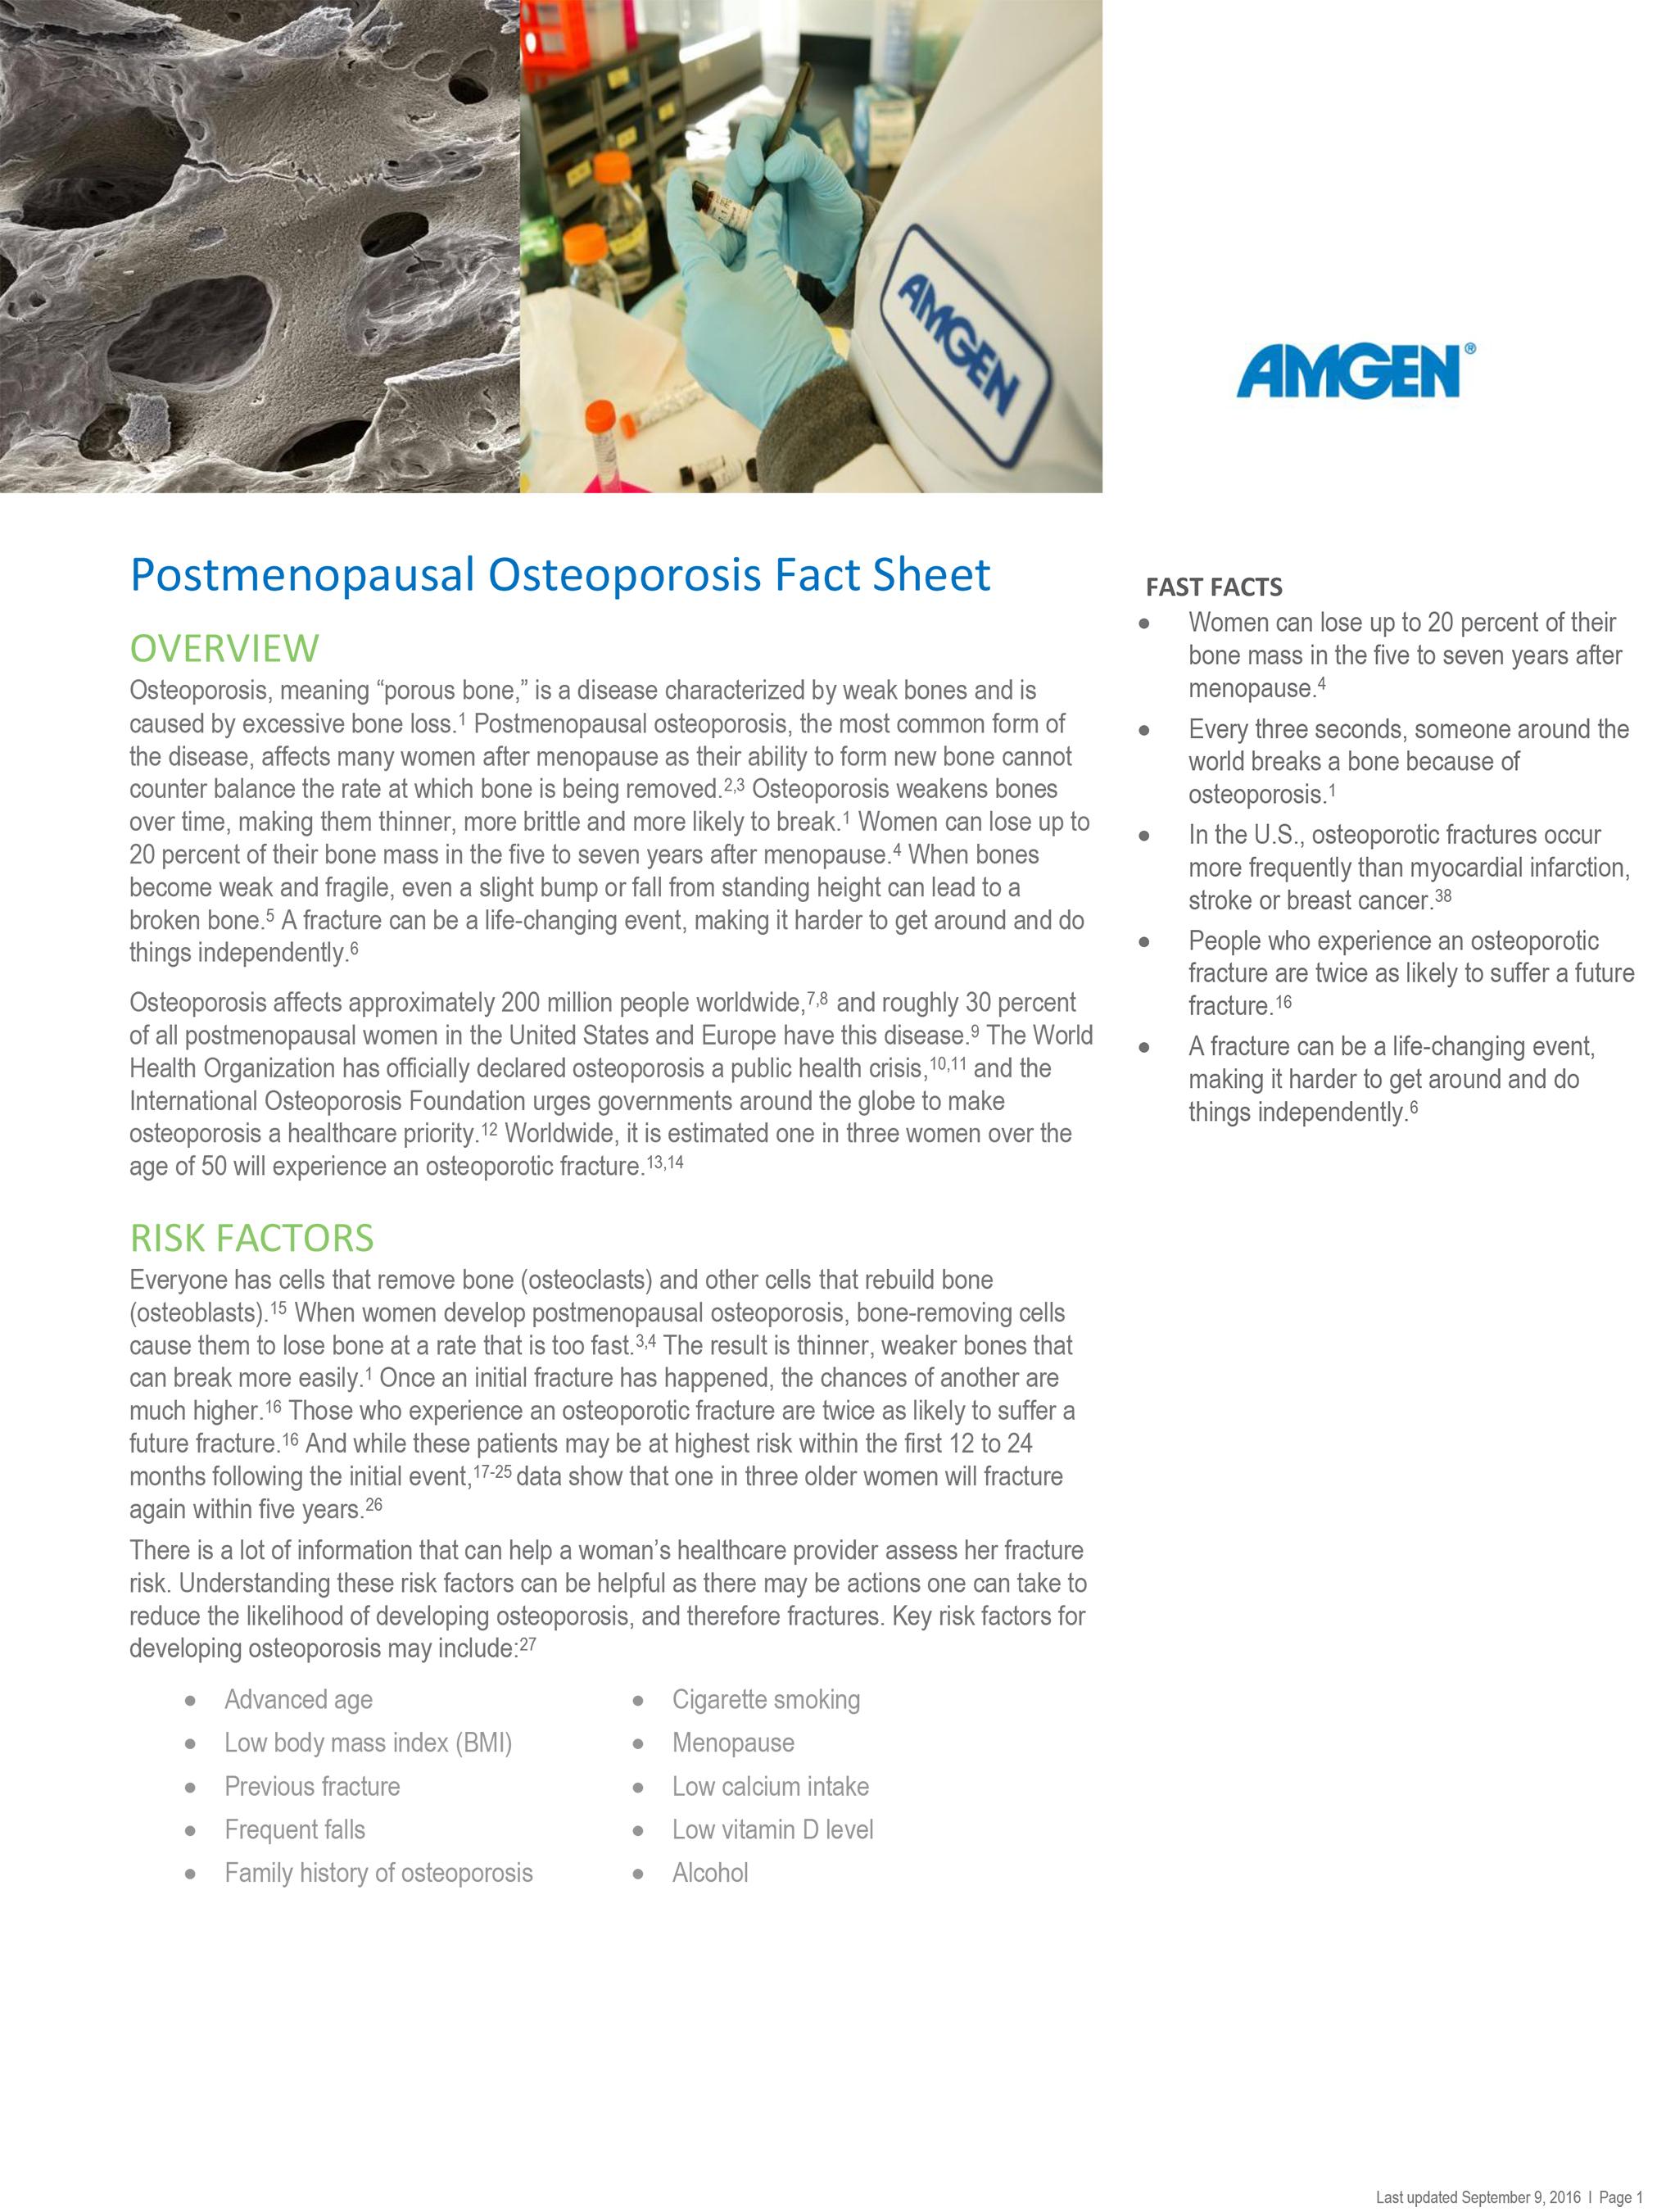 Postmenopausal Osteoporosis Fact Sheet